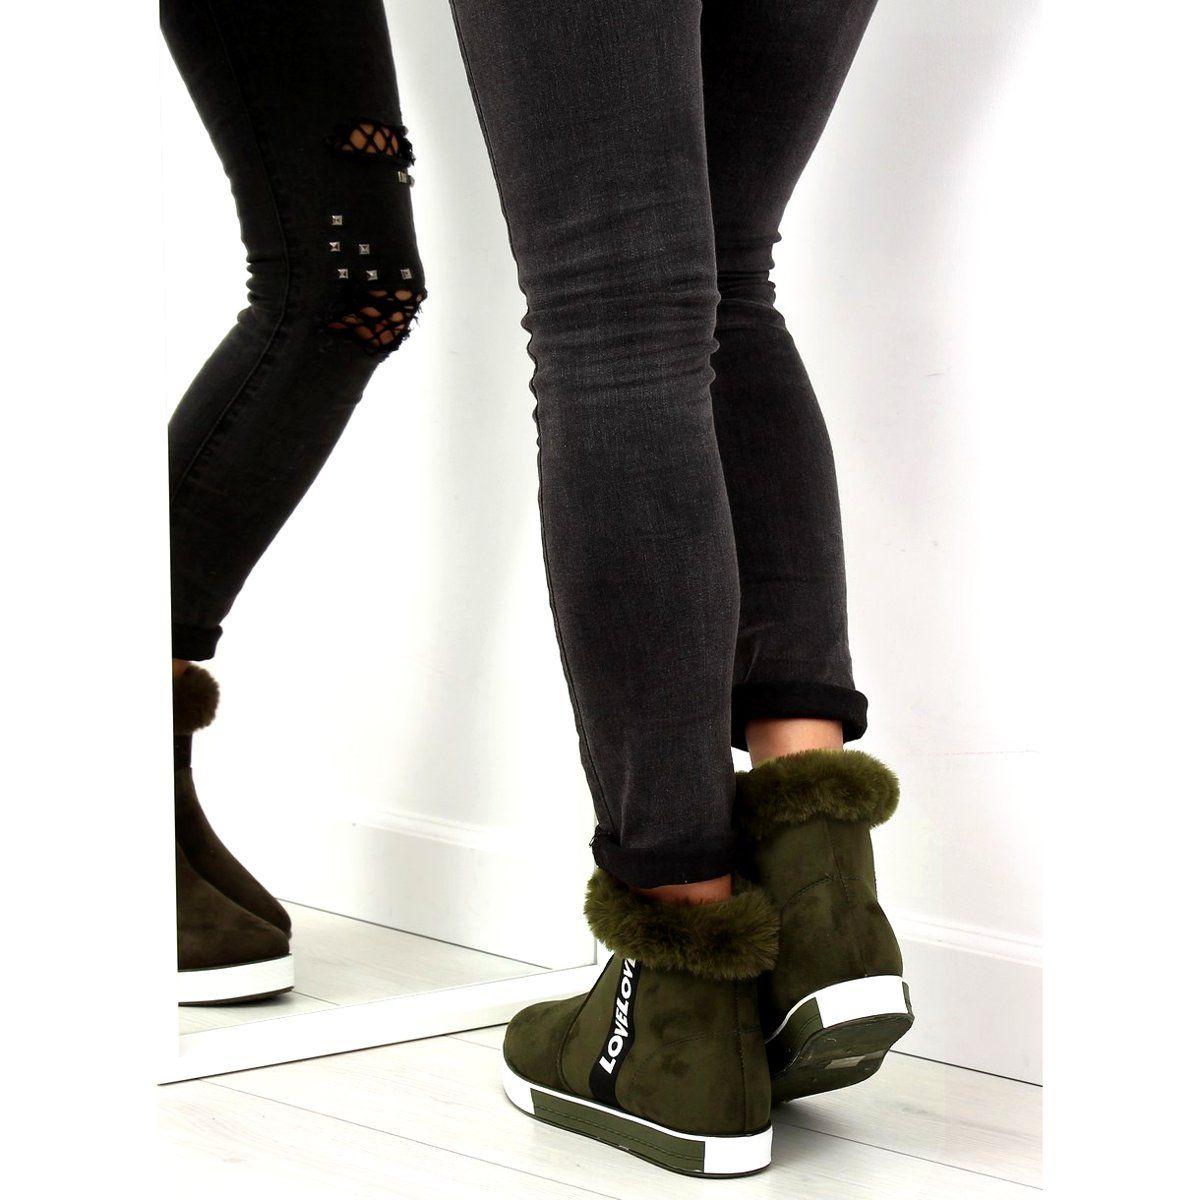 Trampki Damskie Butymodne Trampki Za Kostke Ocieplane Zielone Nb252p Army Green Butymodne Black Jeans Fashion Boots